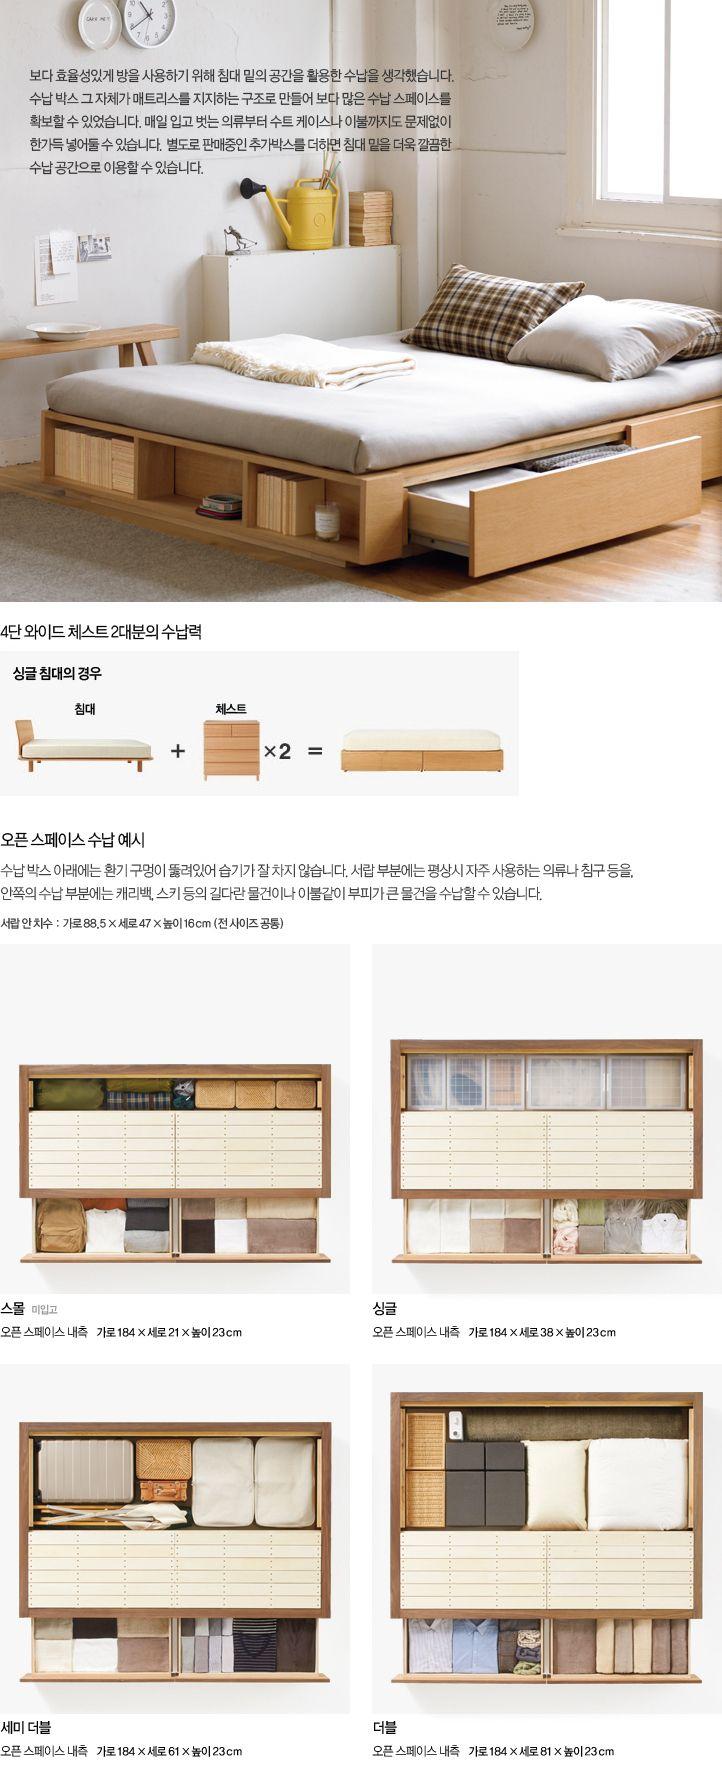 수납 침대 S 떡갈나무 MUJI 온라인스토어[www.mujikorea.net] 일종의 평상이랄까. 낮은 침대와 파티션으로 구성해 보는 것도 좋을 듯.